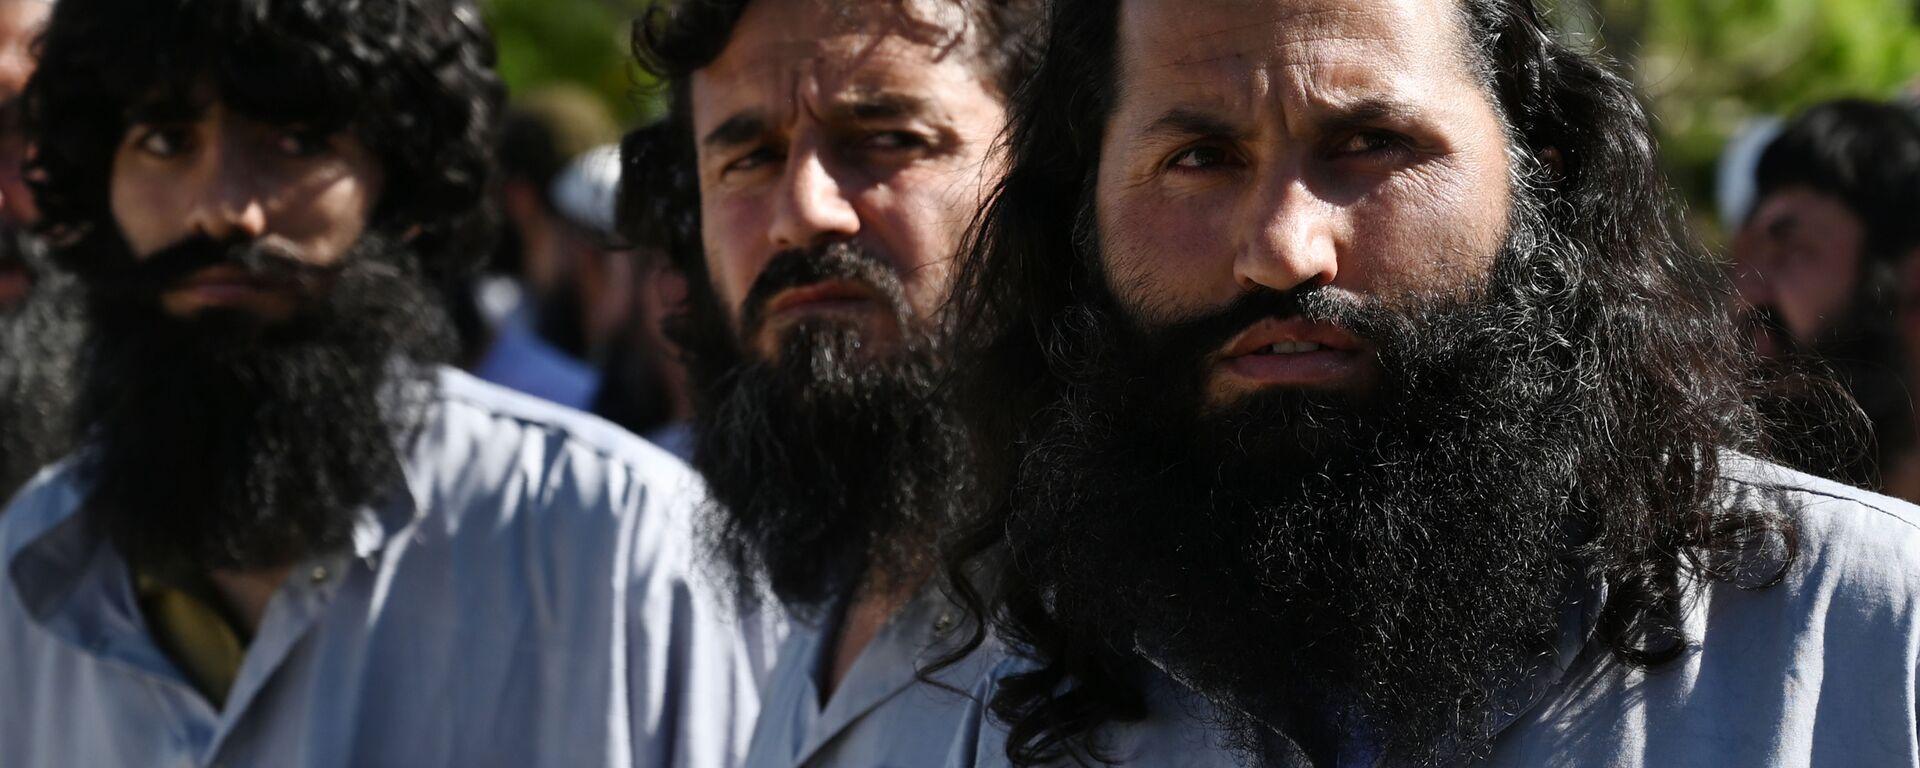 Заключенные талибы во время их освобождения из тюрьмы Баграм, Афганистан - Sputnik Таджикистан, 1920, 24.06.2021